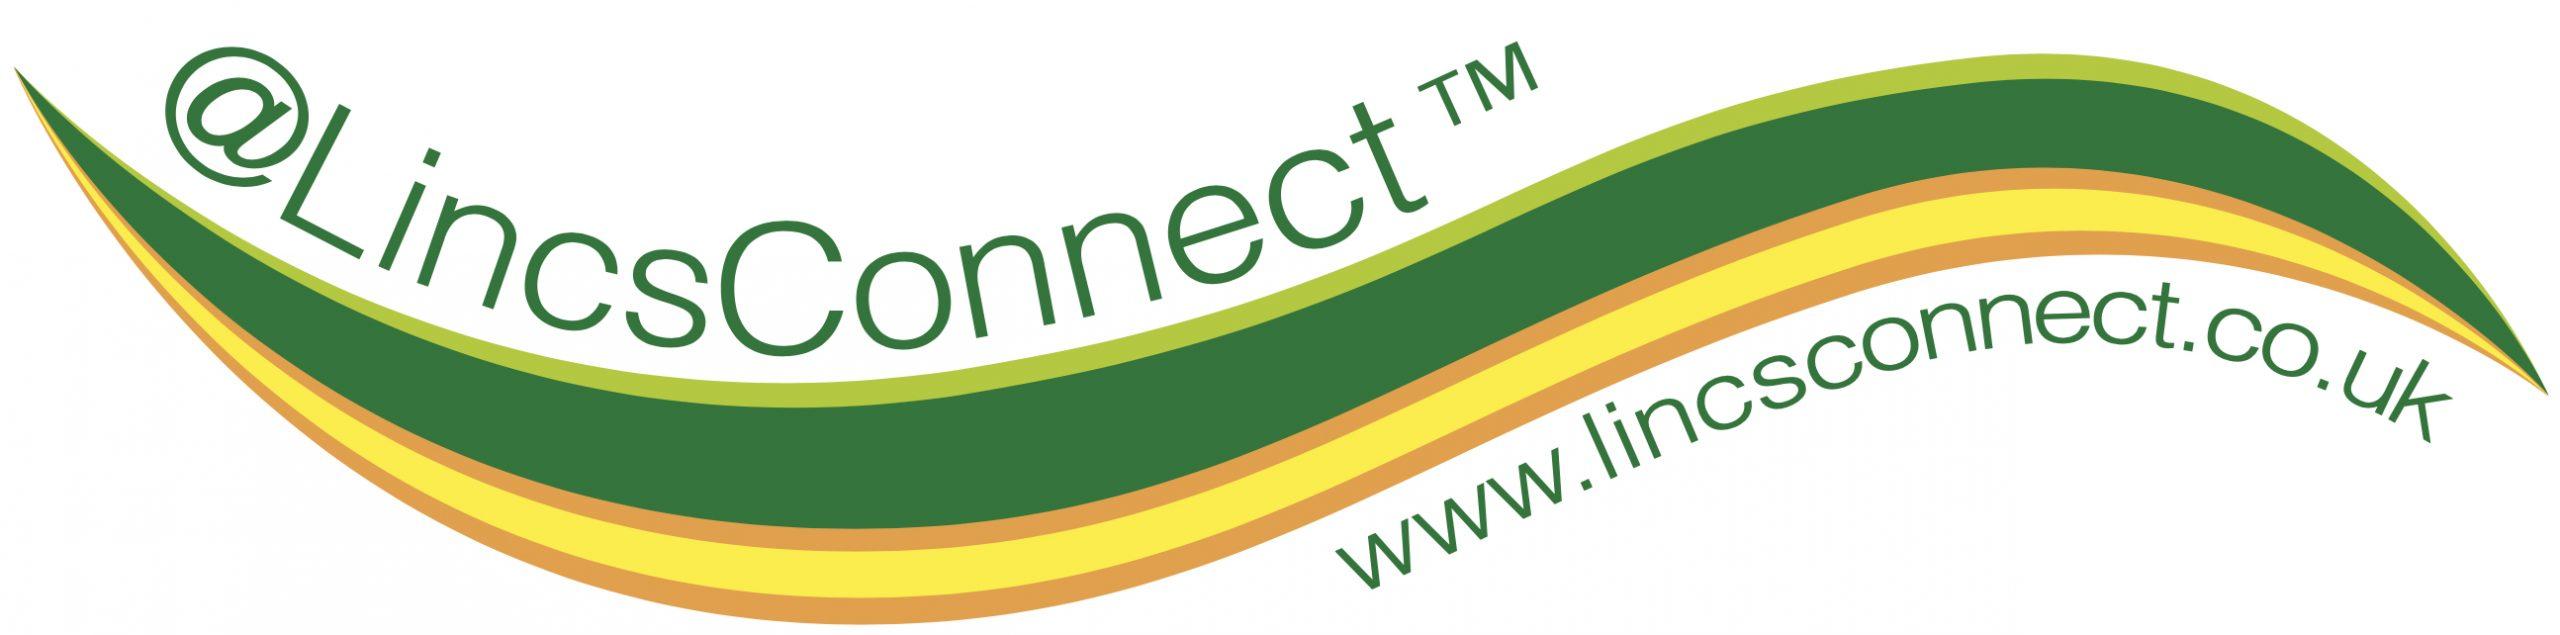 Lincs Connect